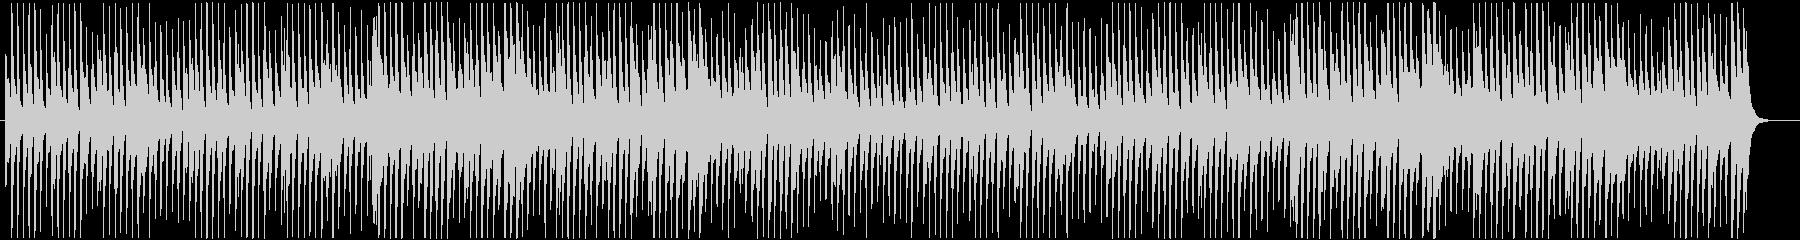 軽快で可愛い雰囲気のピアノ主体のポップスの未再生の波形